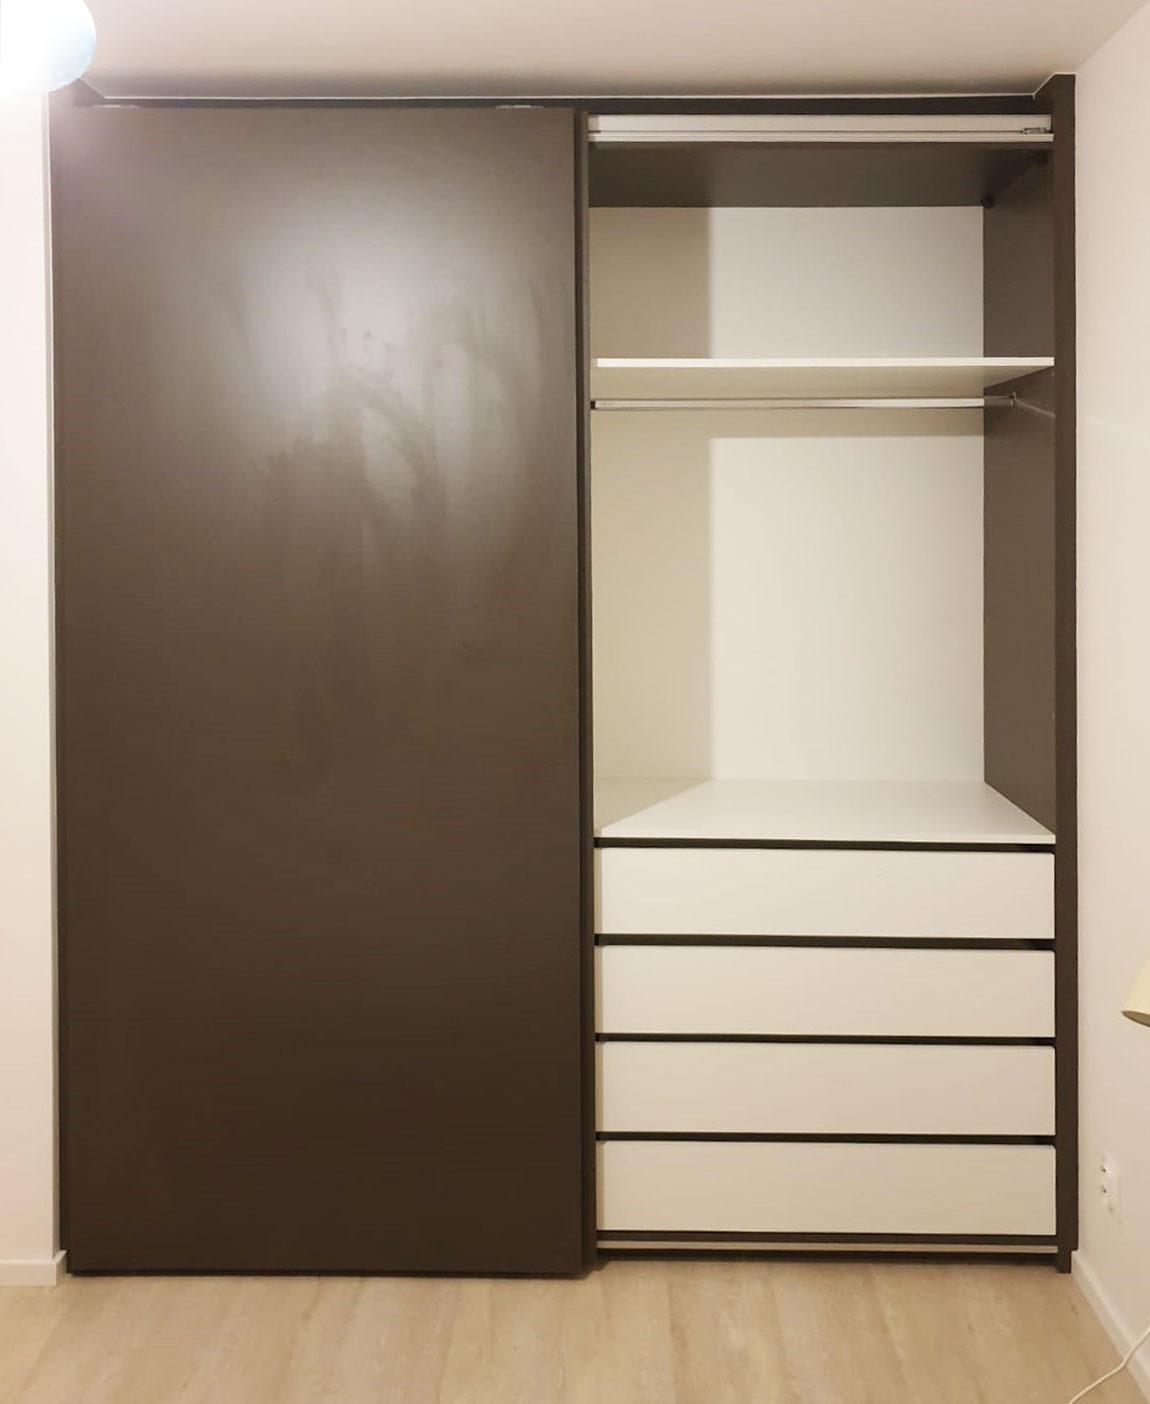 Otevřená skříň s bezrámovými posuvnými dveřmi